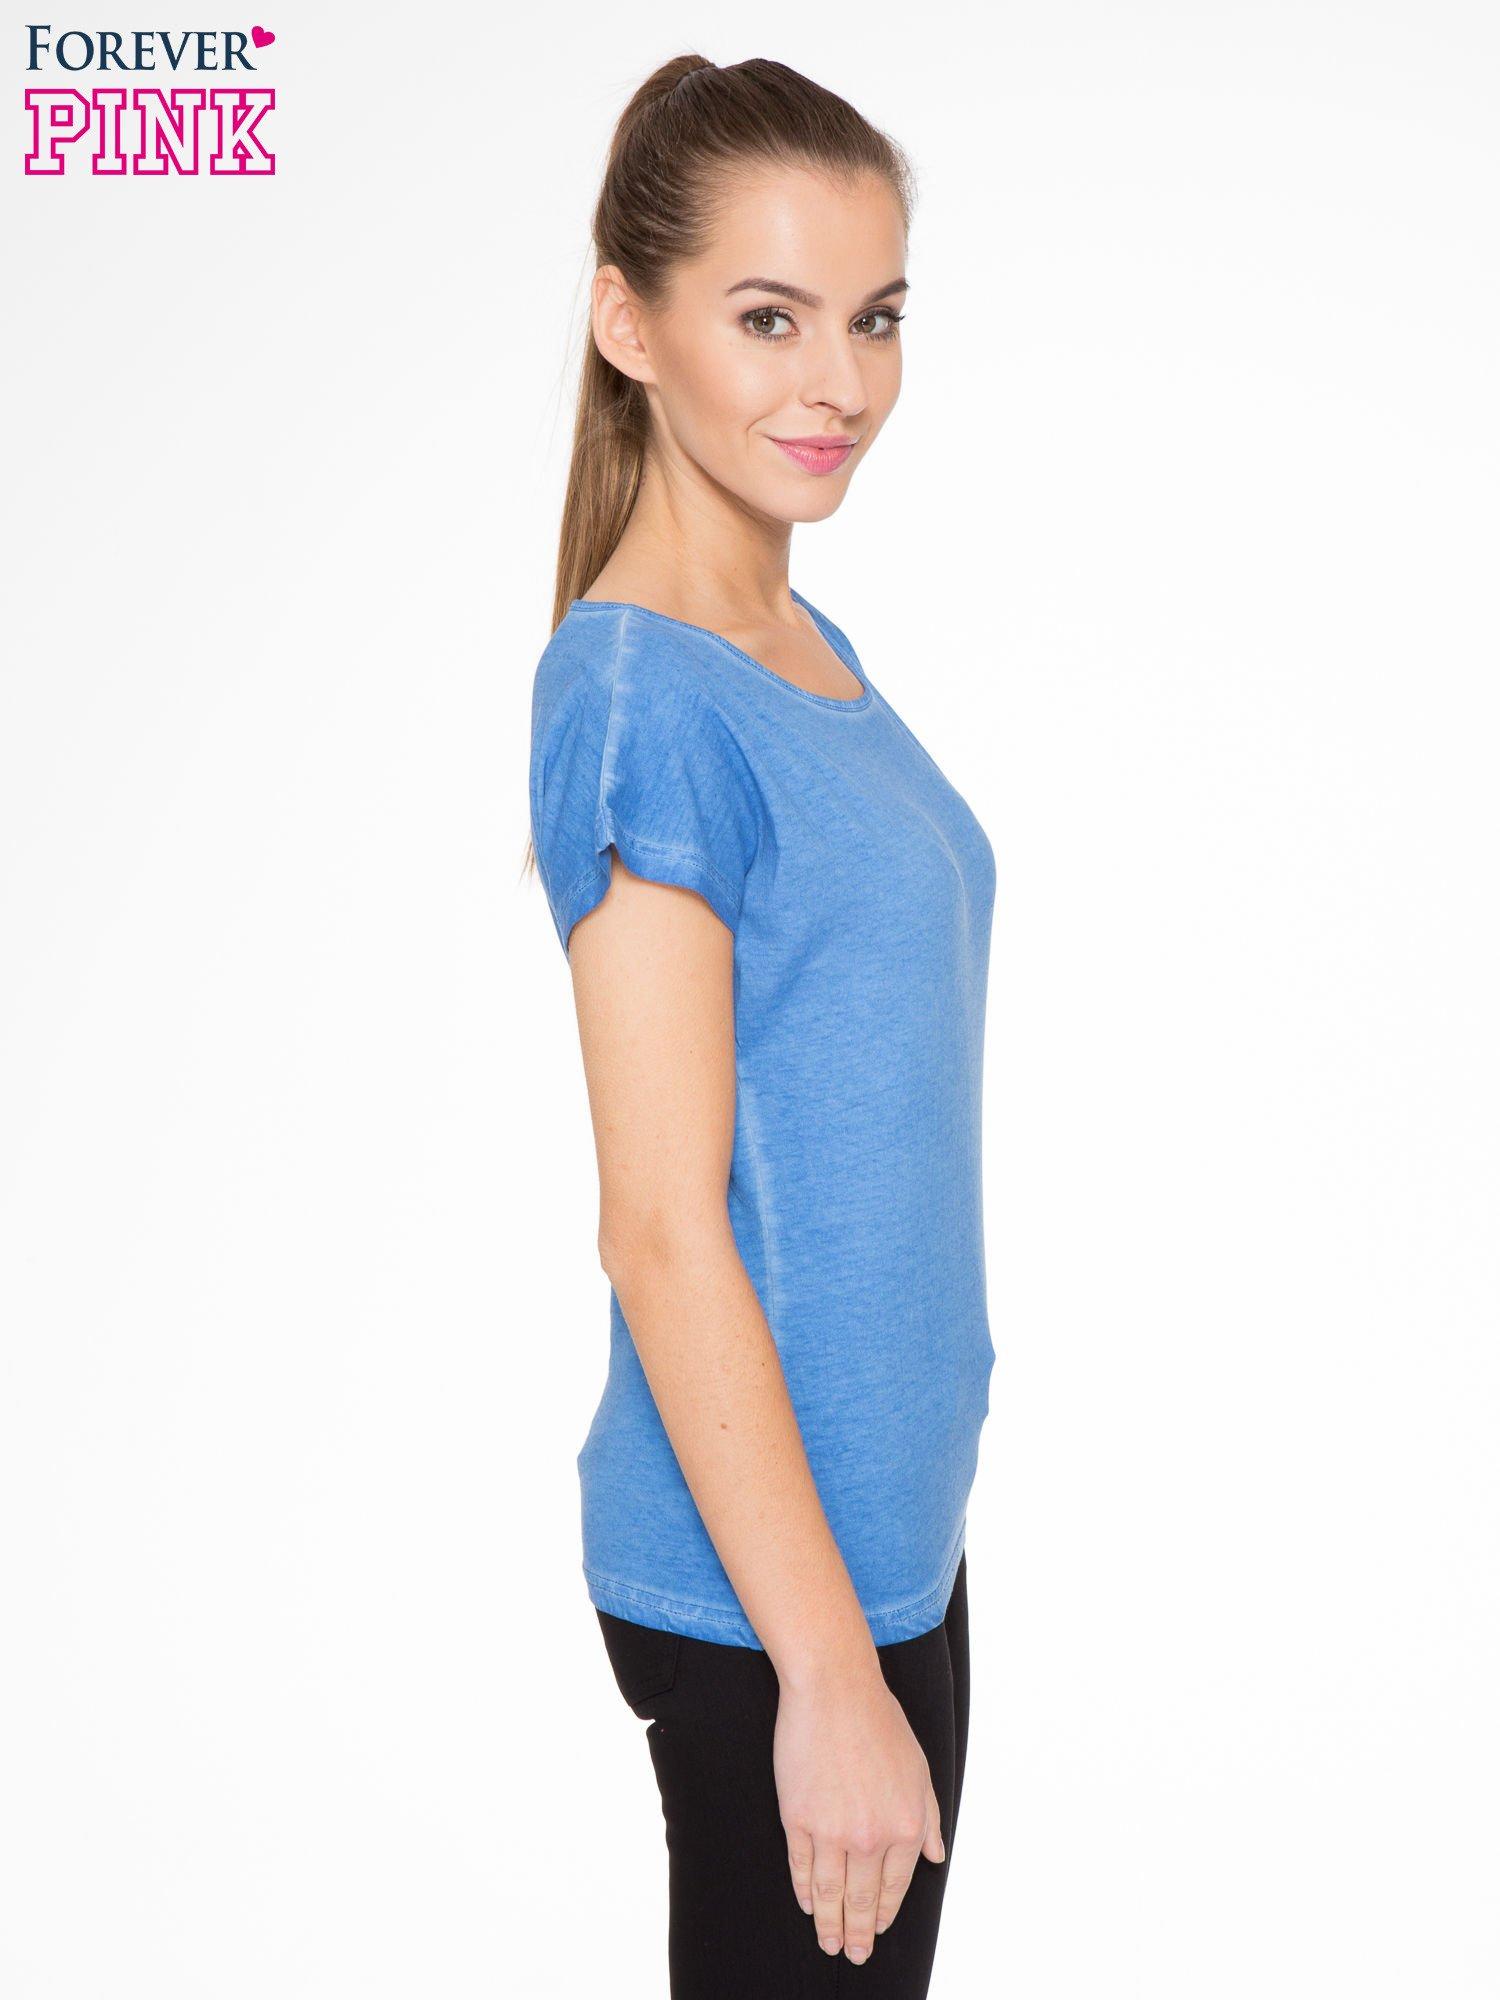 Niebieski t-shirt z dekatyzowanym efektem                                  zdj.                                  2